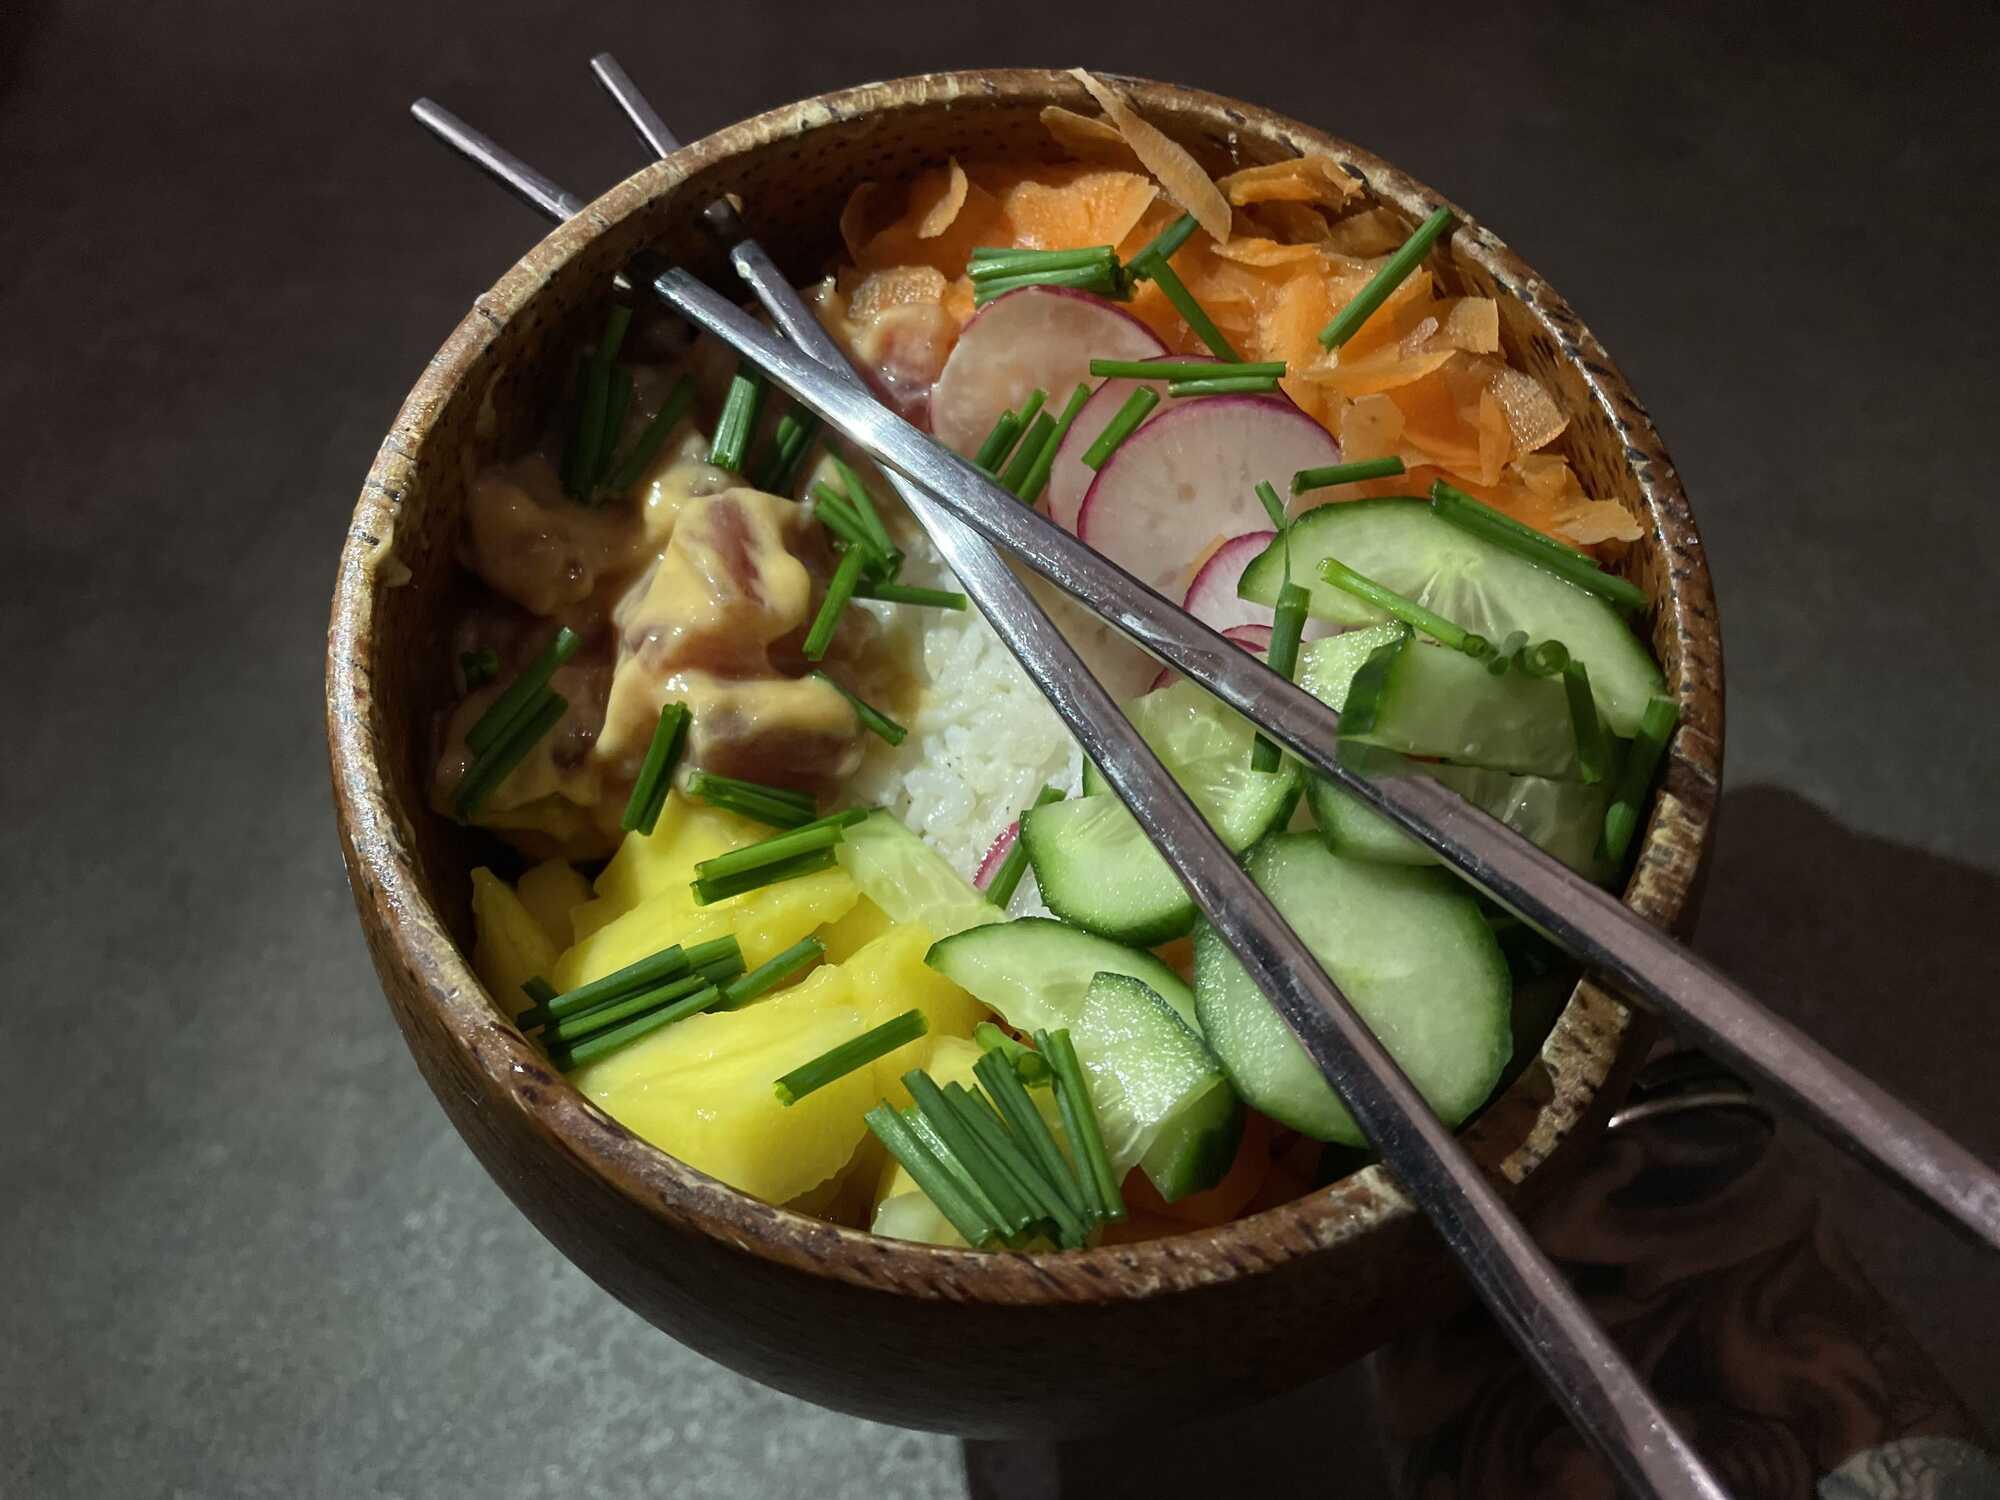 Dans un grand bol en grès , le riz est au centre et tout autour se trouve les différents ingrédients. Deux baguettes permettent de manger ce Poke.